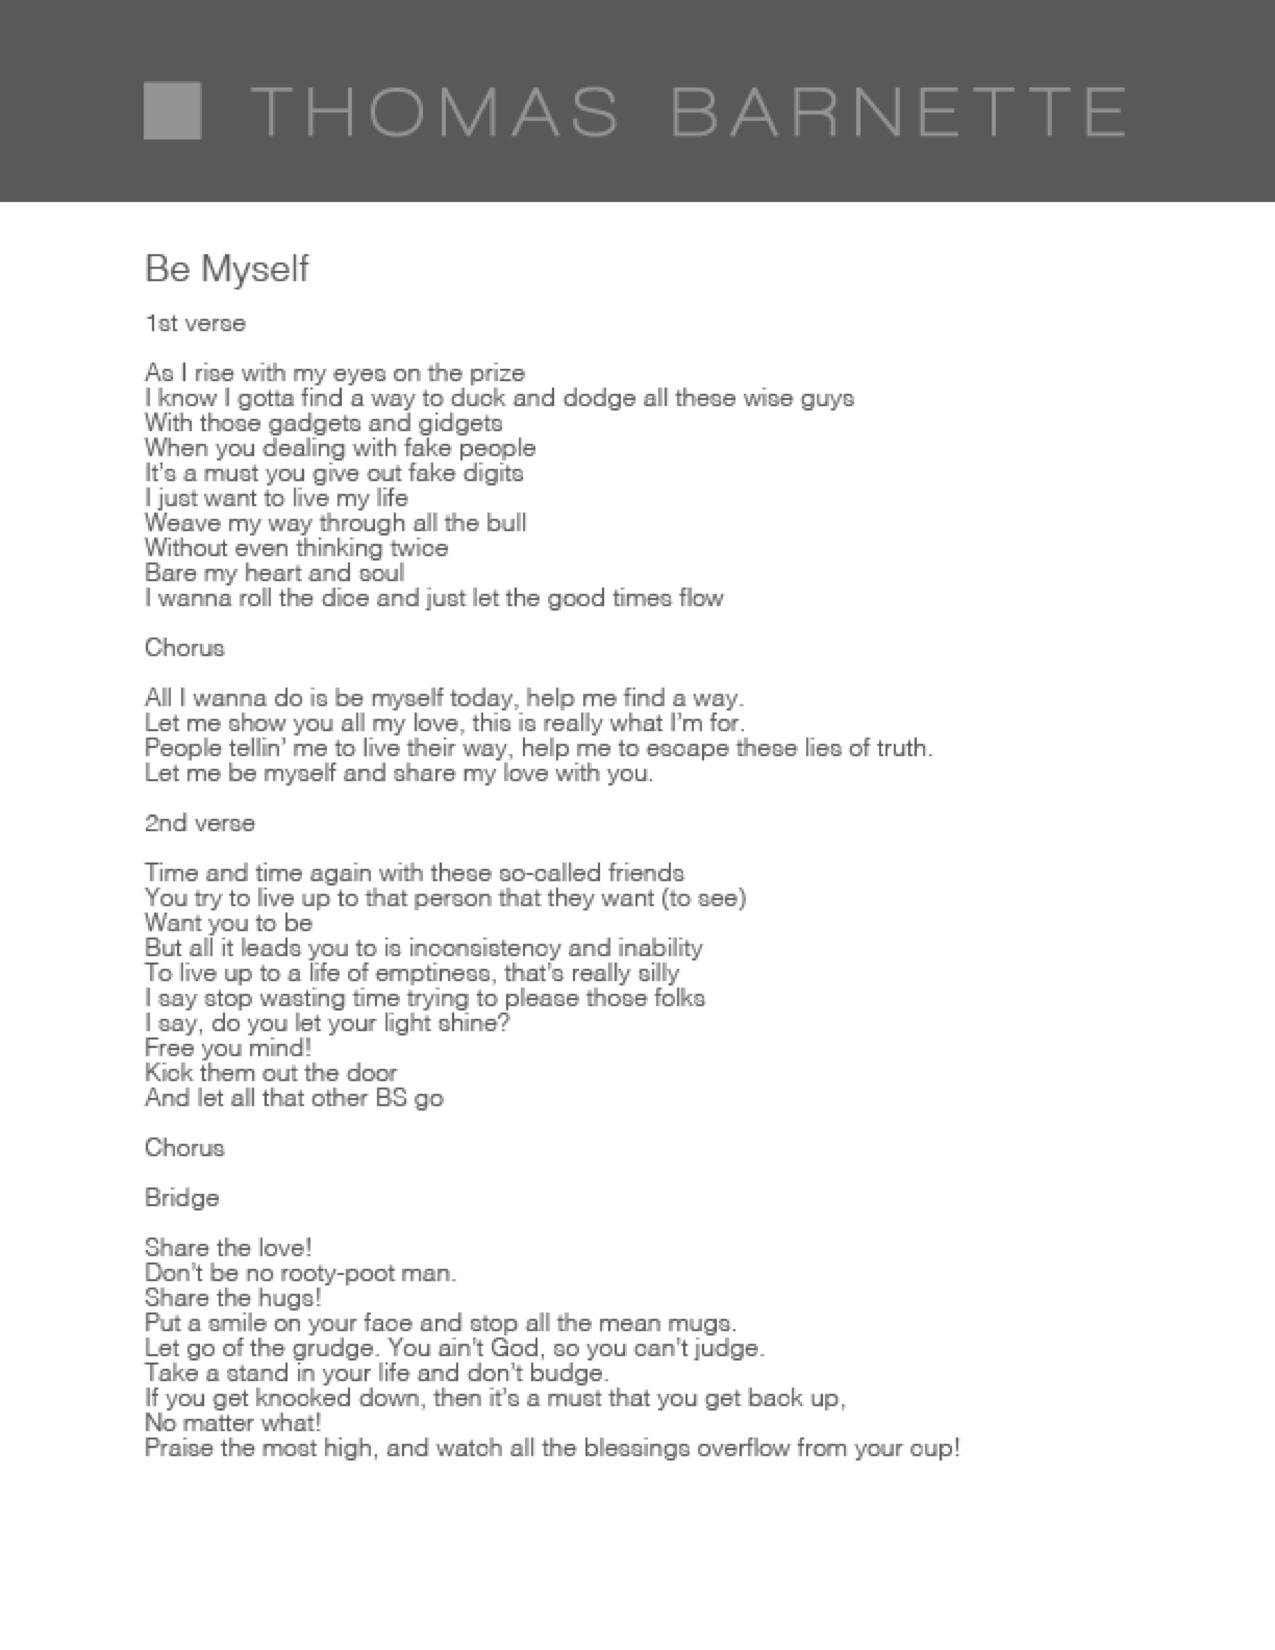 all i wanna do lyrics